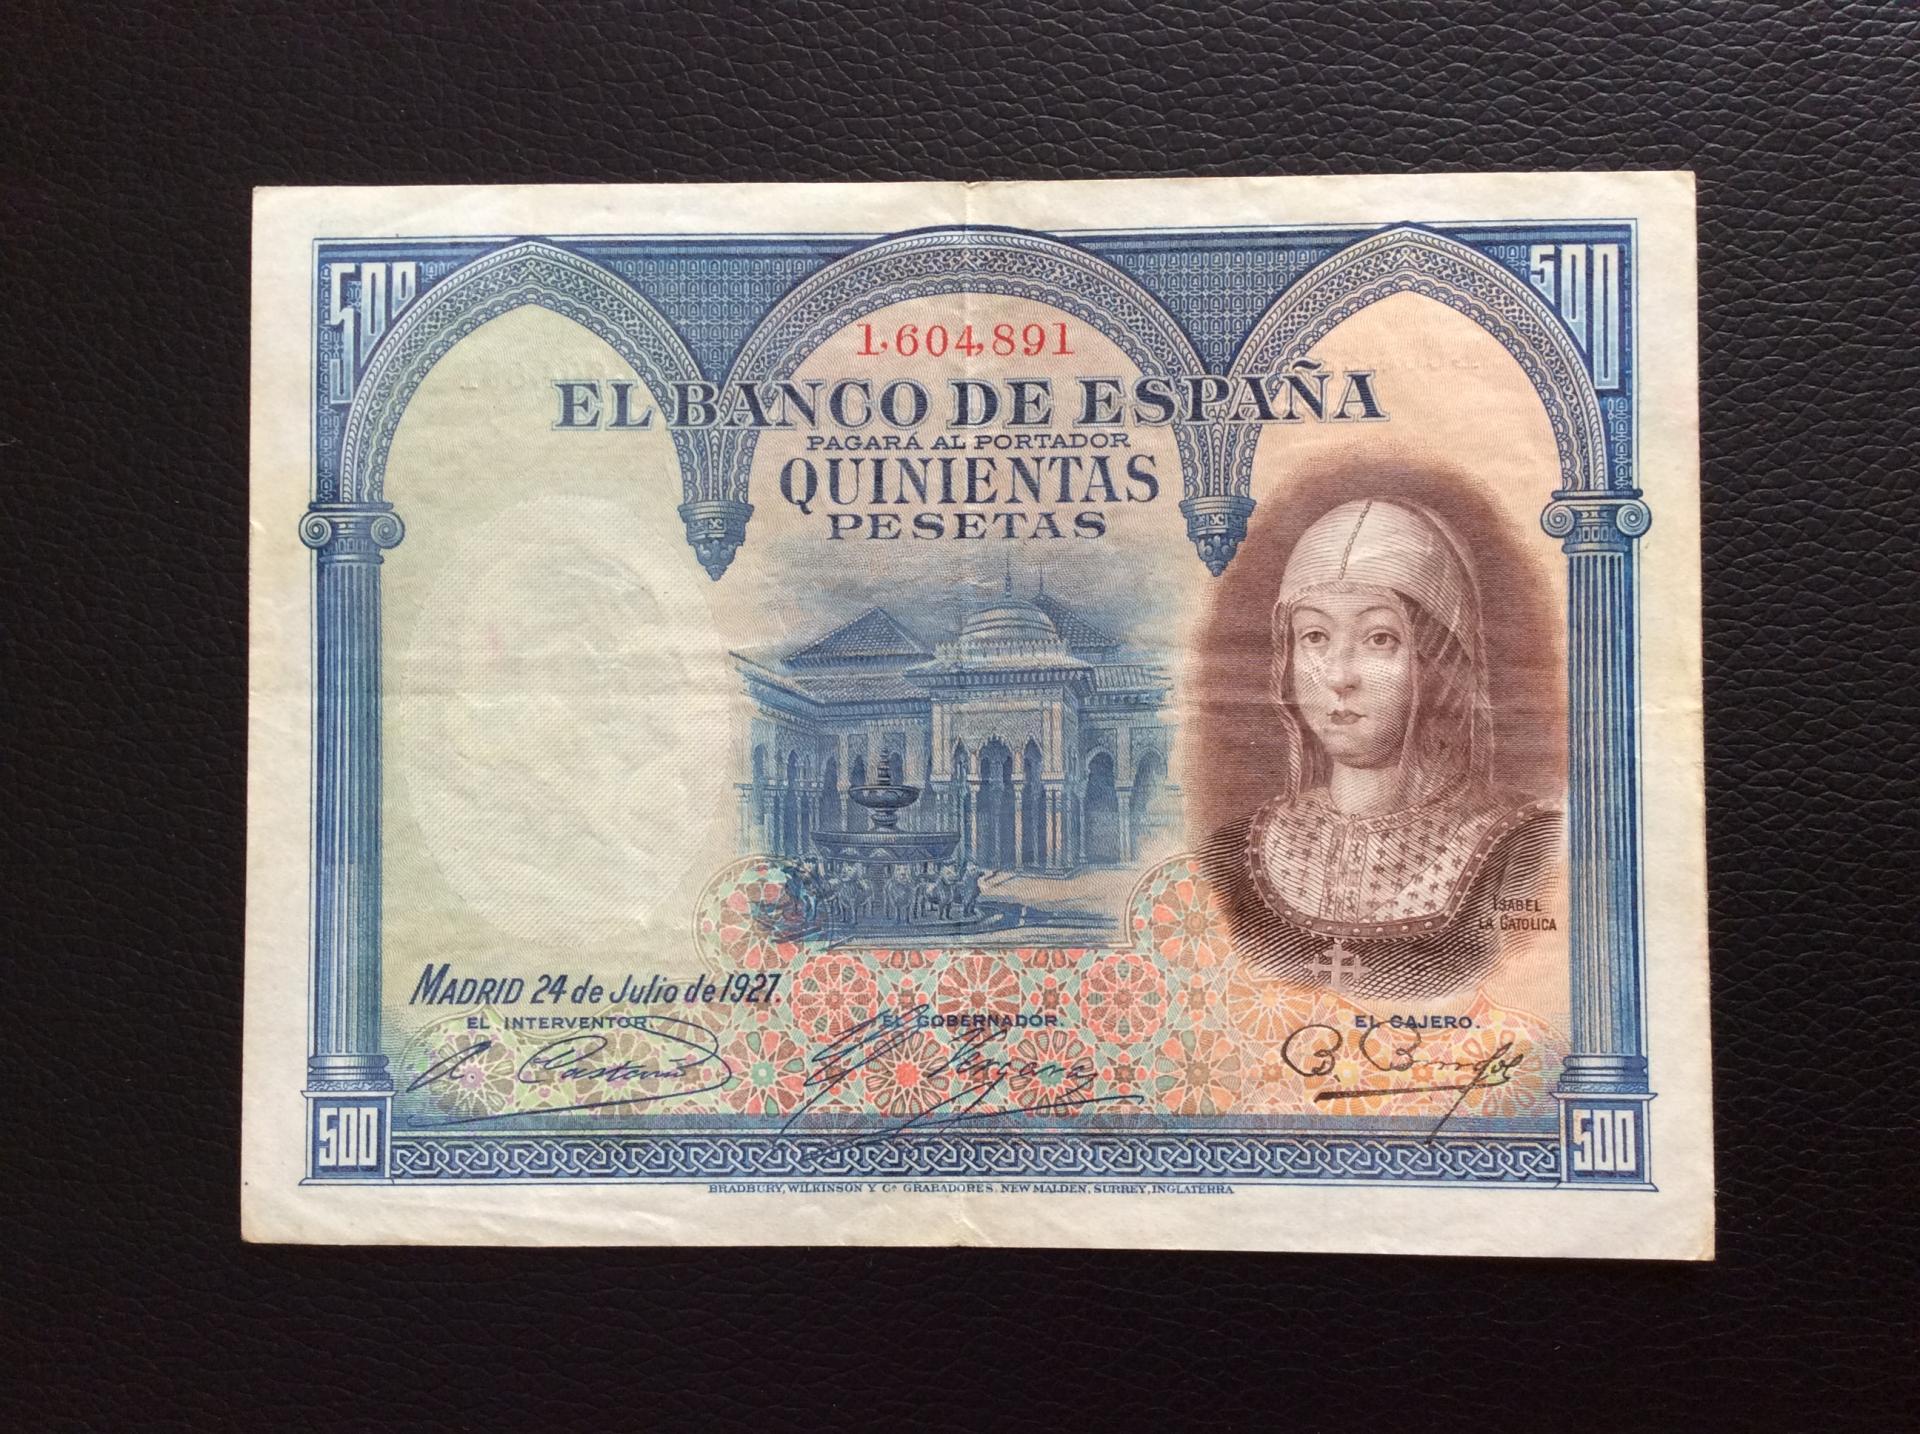 500 PESETAS 1927 - ISABEL LA CATÓLICA